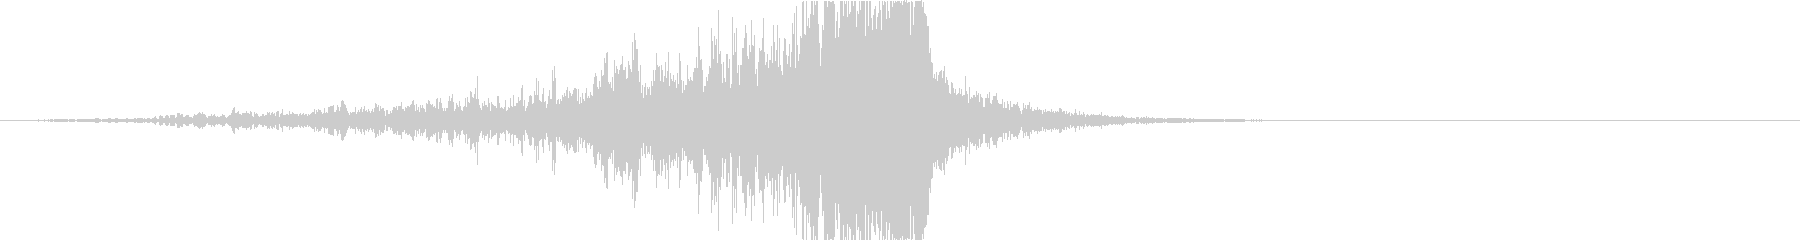 ドラマティックなリバース音34-01の未再生の波形